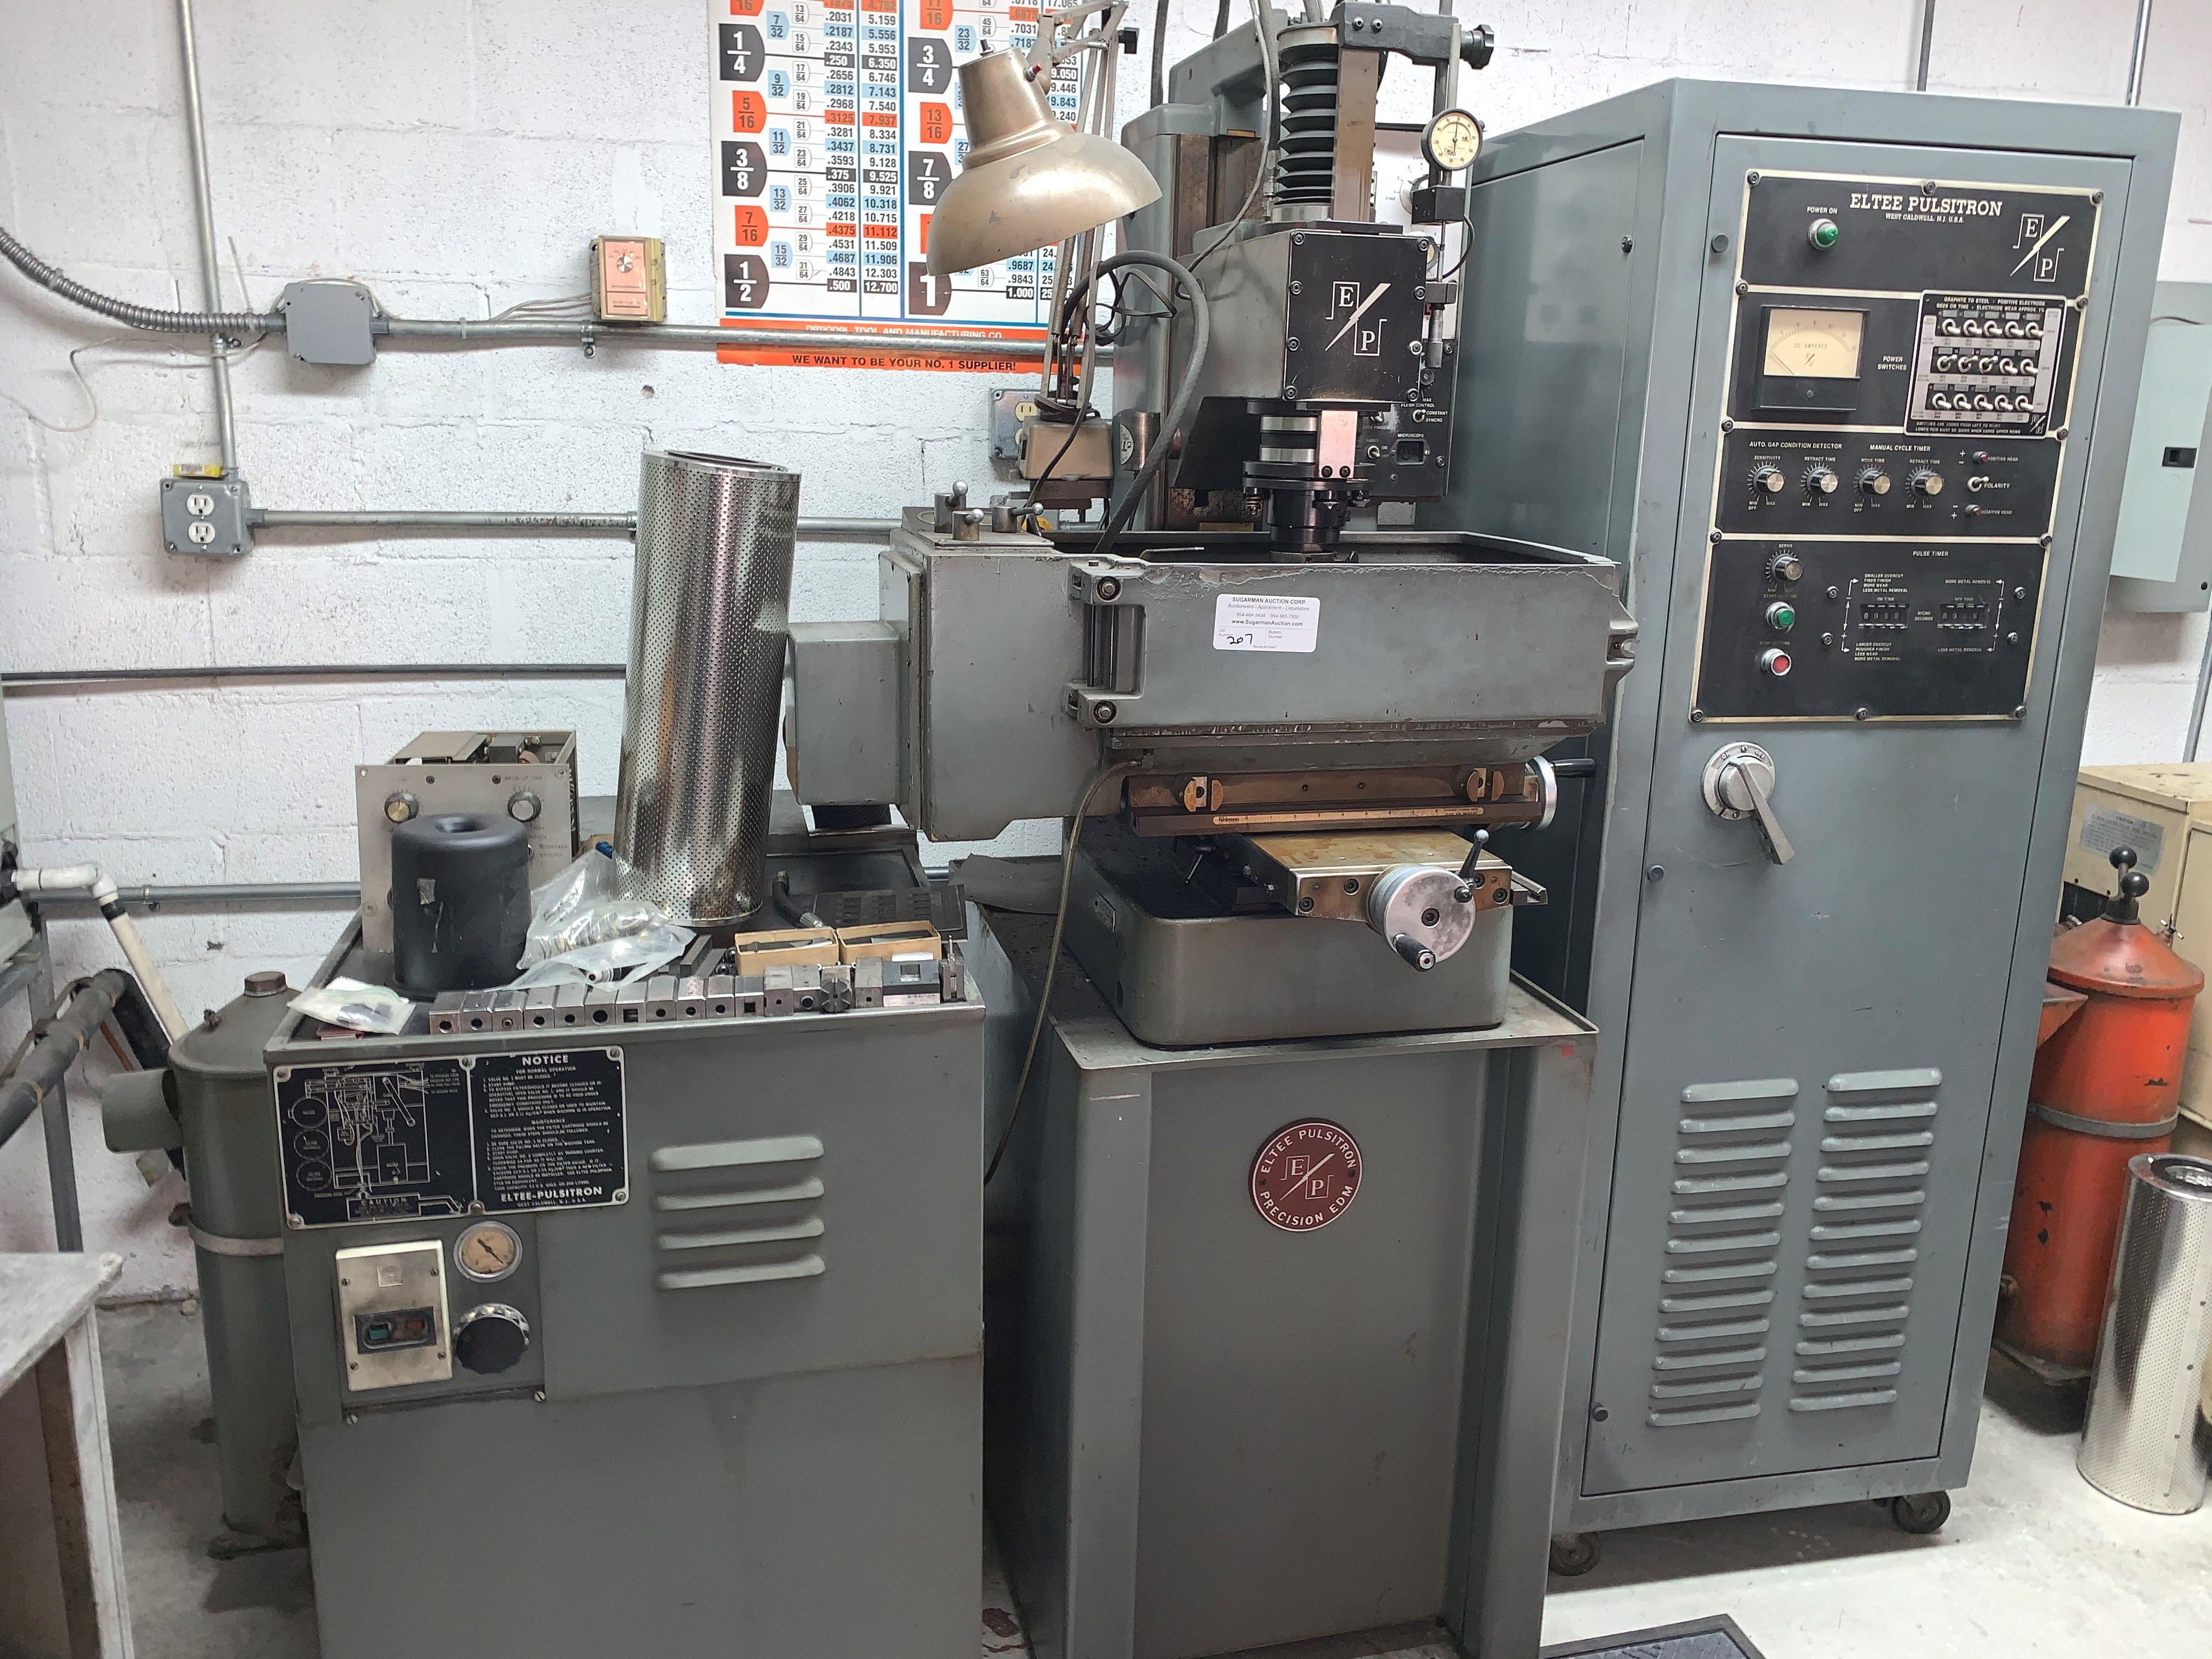 Eltee Pulsitron EDM Machine, E.P. 30, Serial # 0225, Vacuum & Extra Filters